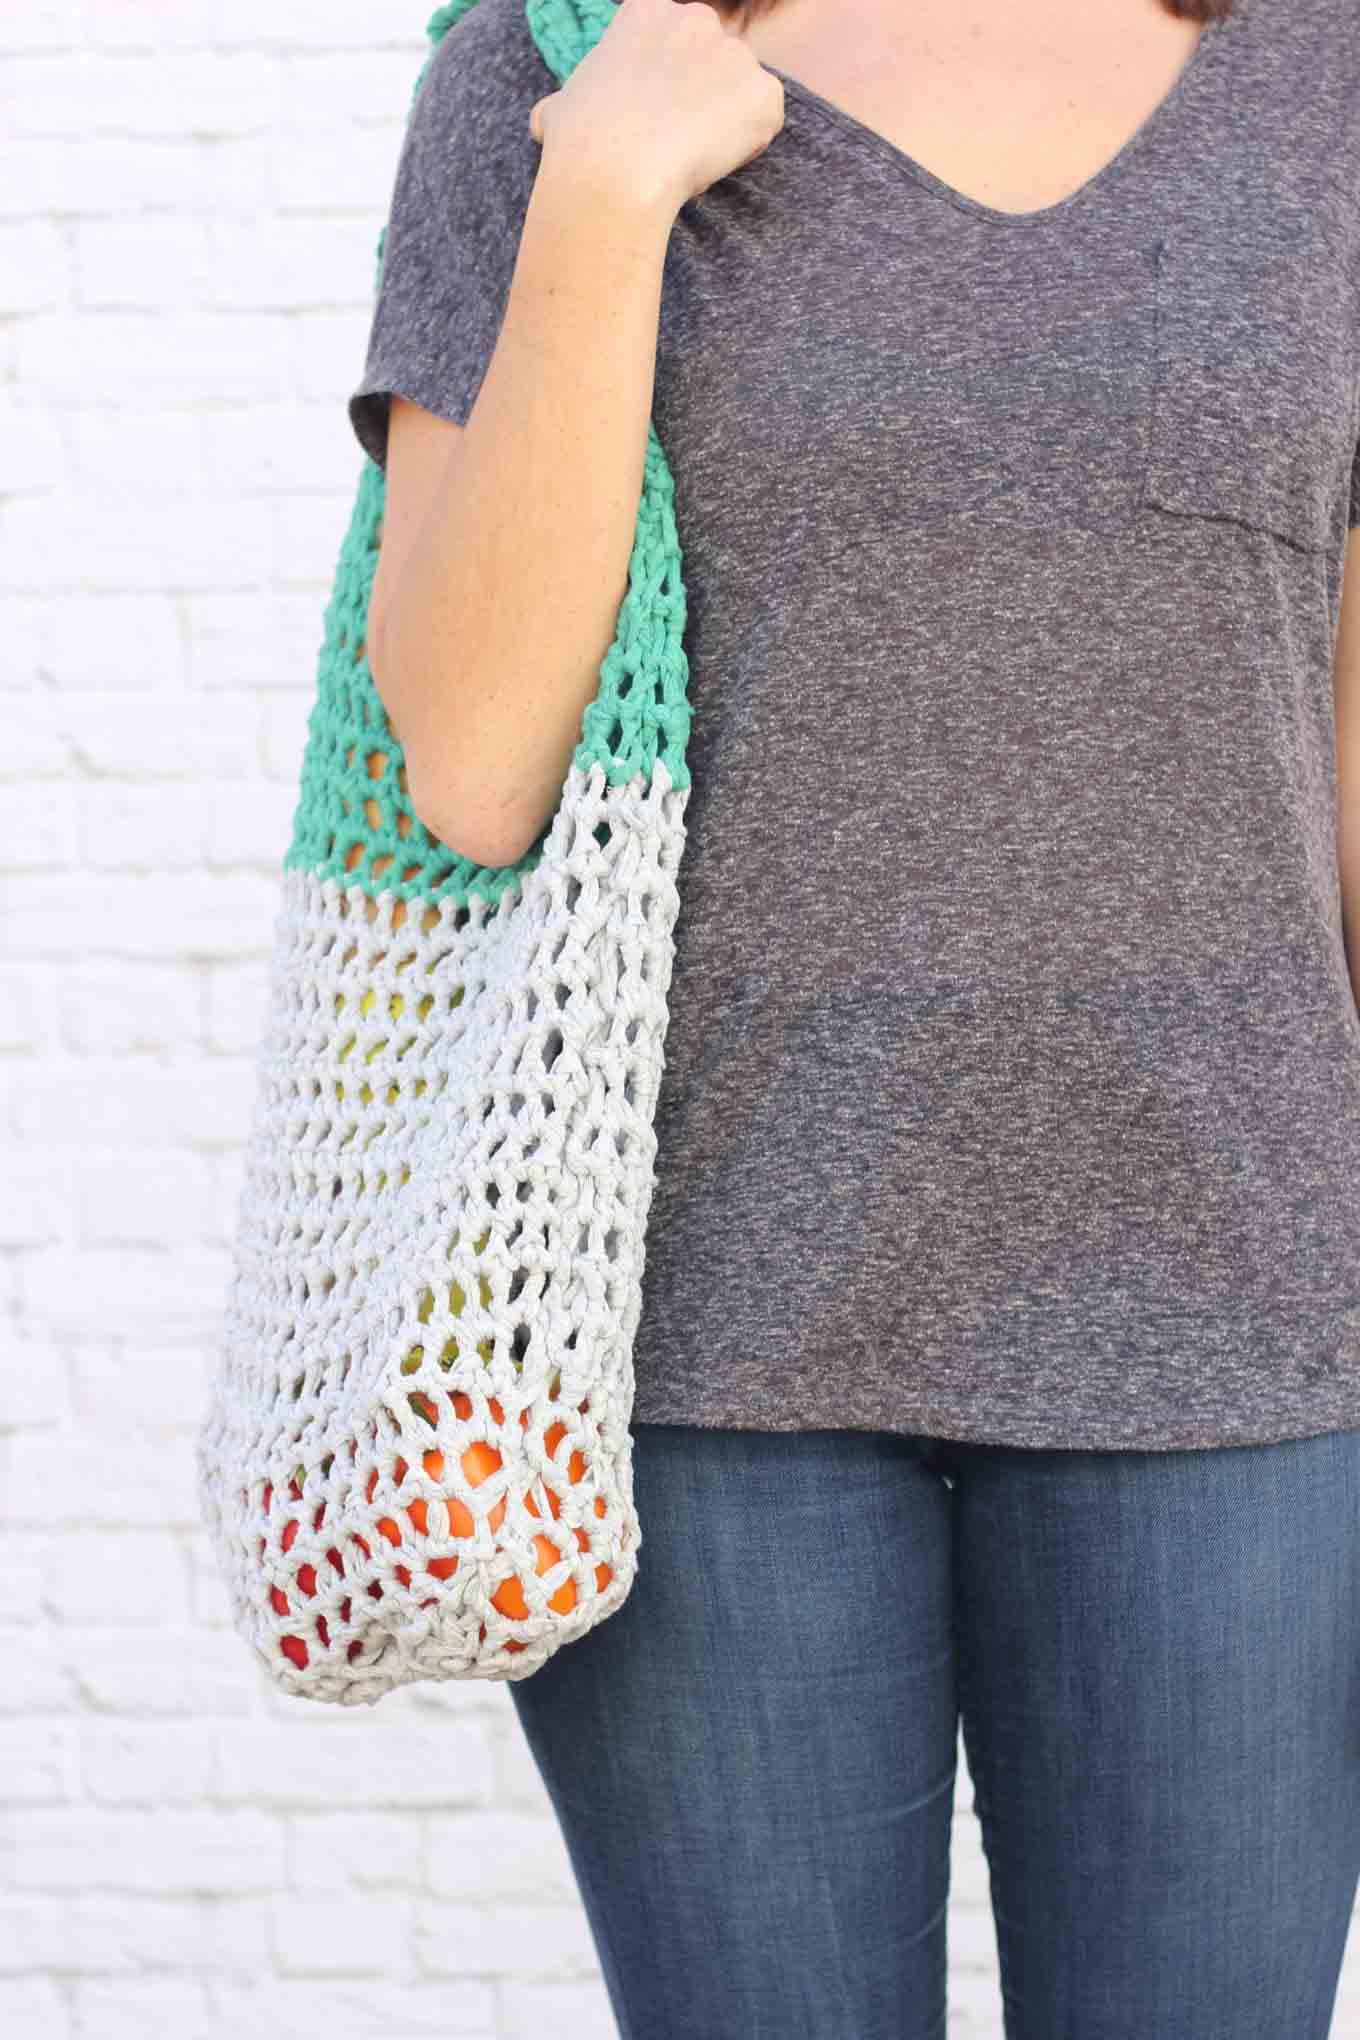 beginner-finger-crochet-market-tote-bag-free-pattern-3 ...